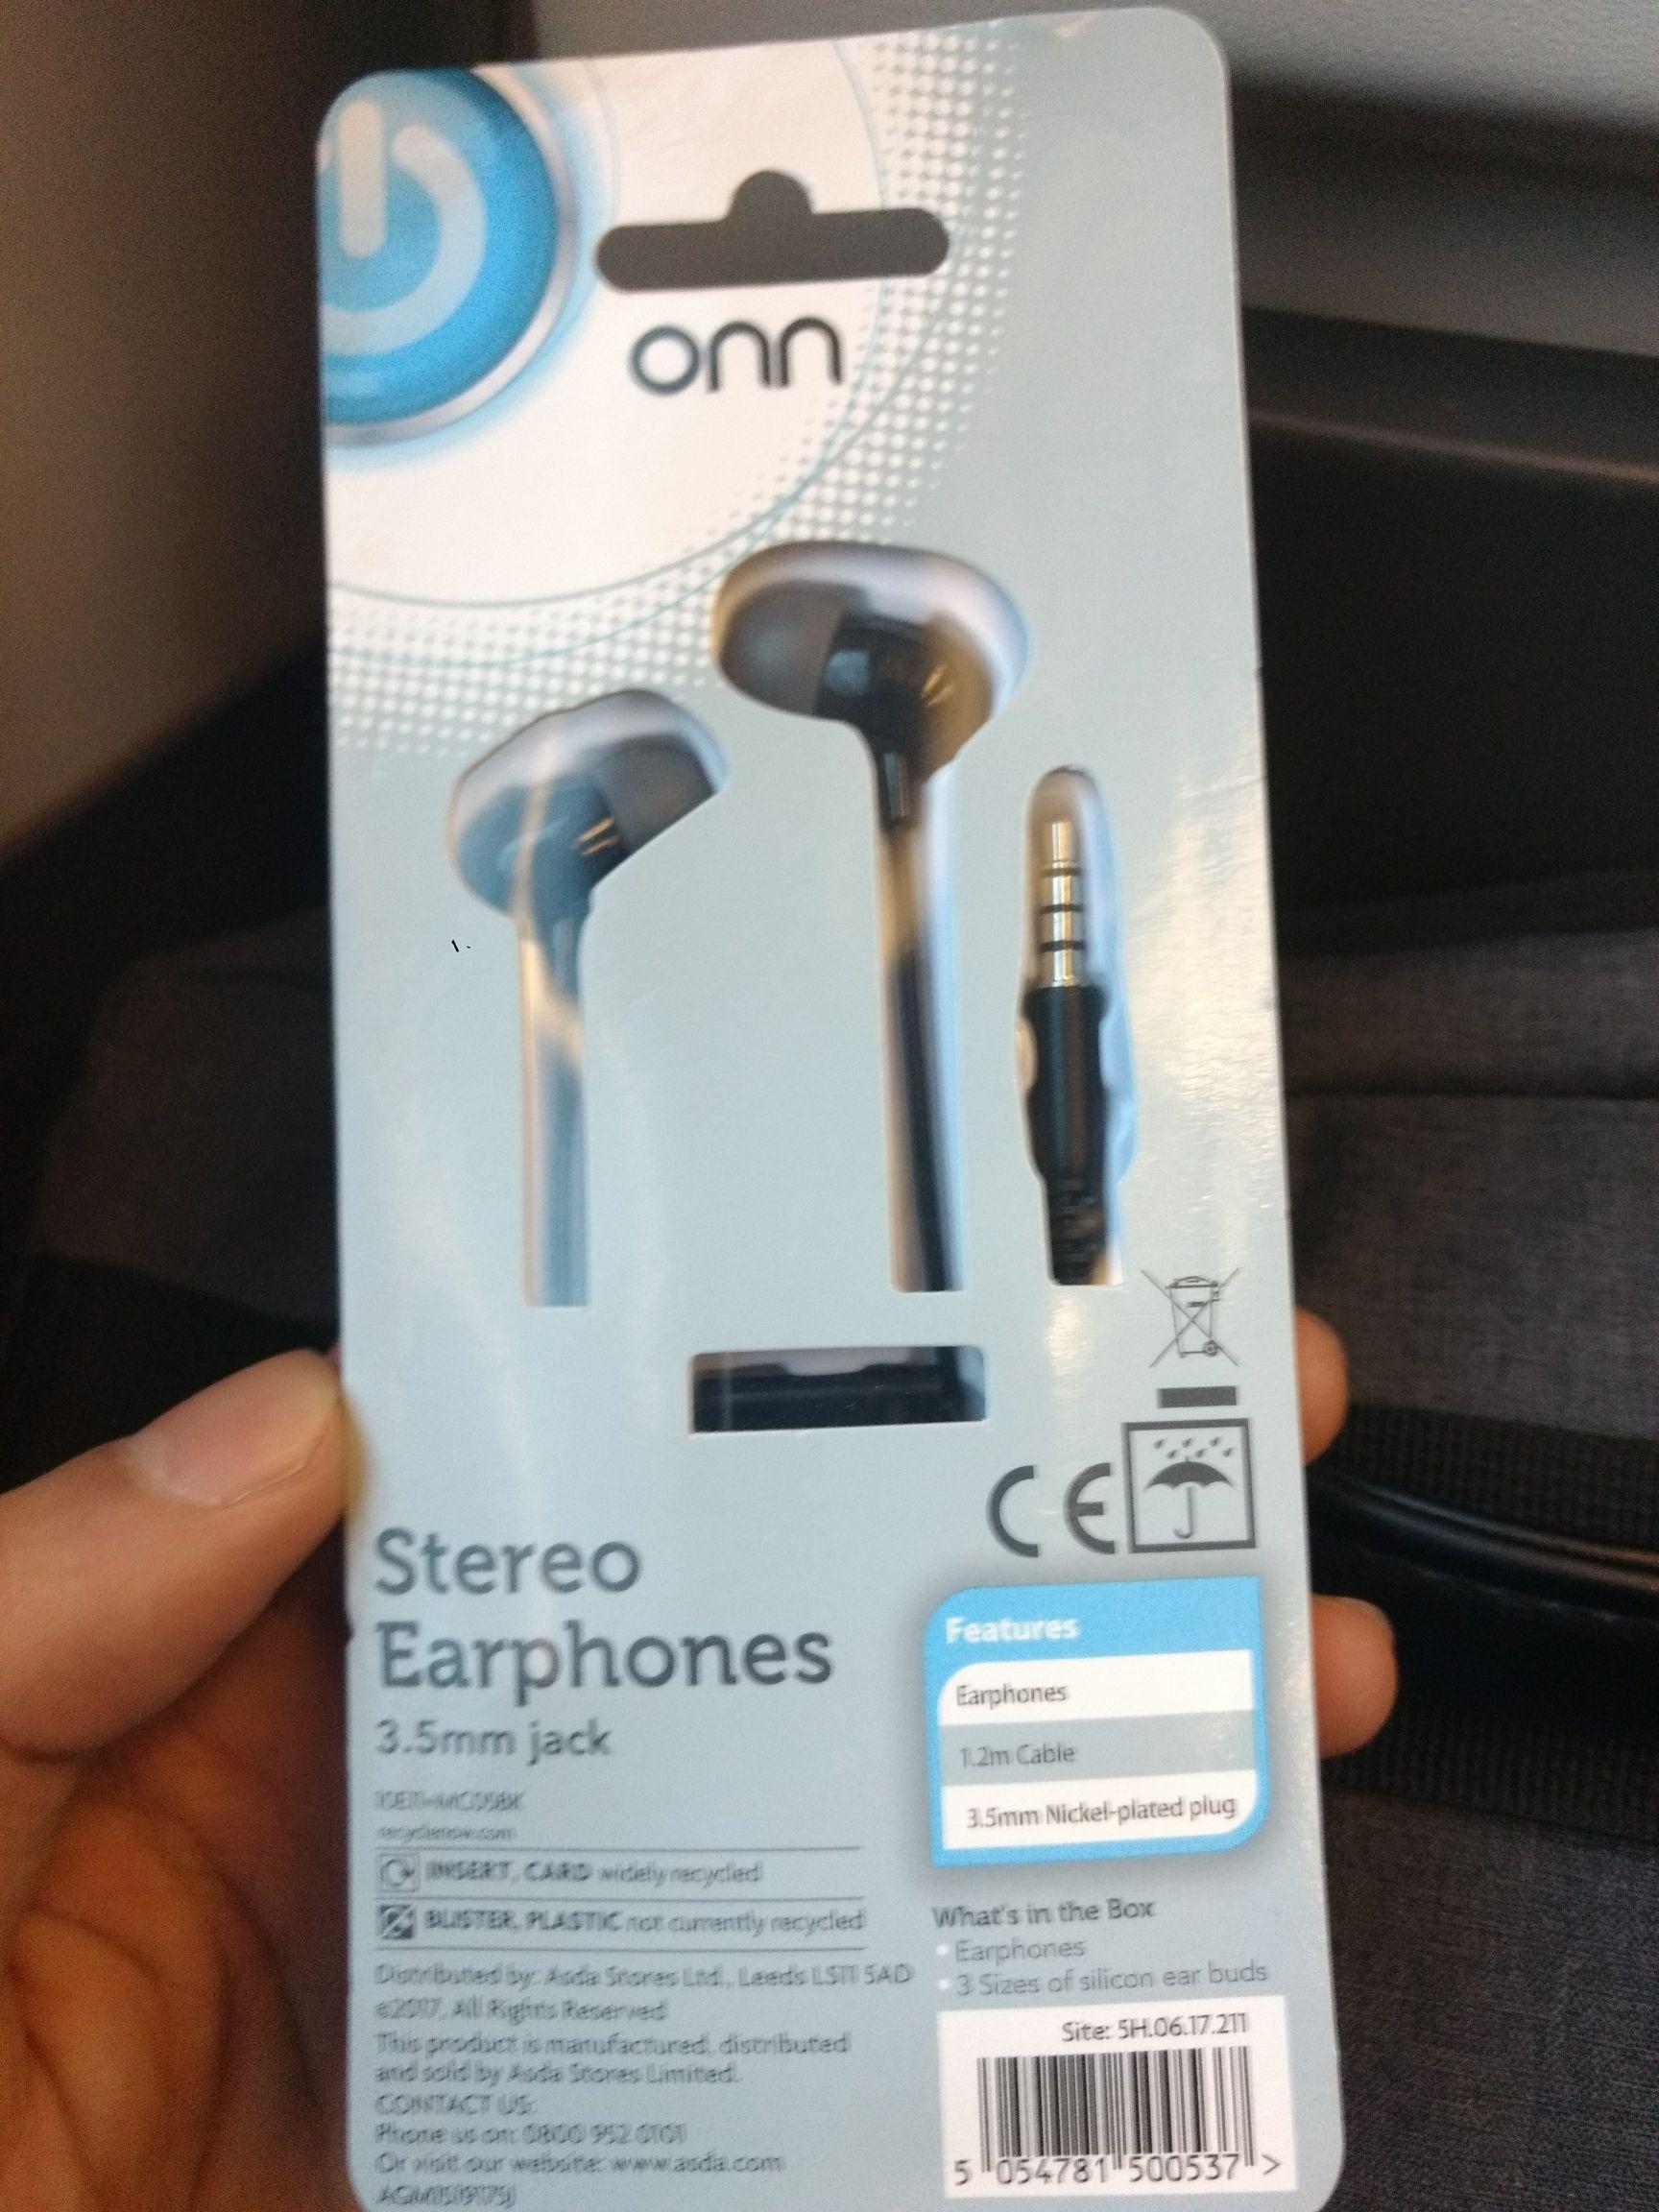 Stereo Earphones 30p @ Asda - Portsmouth